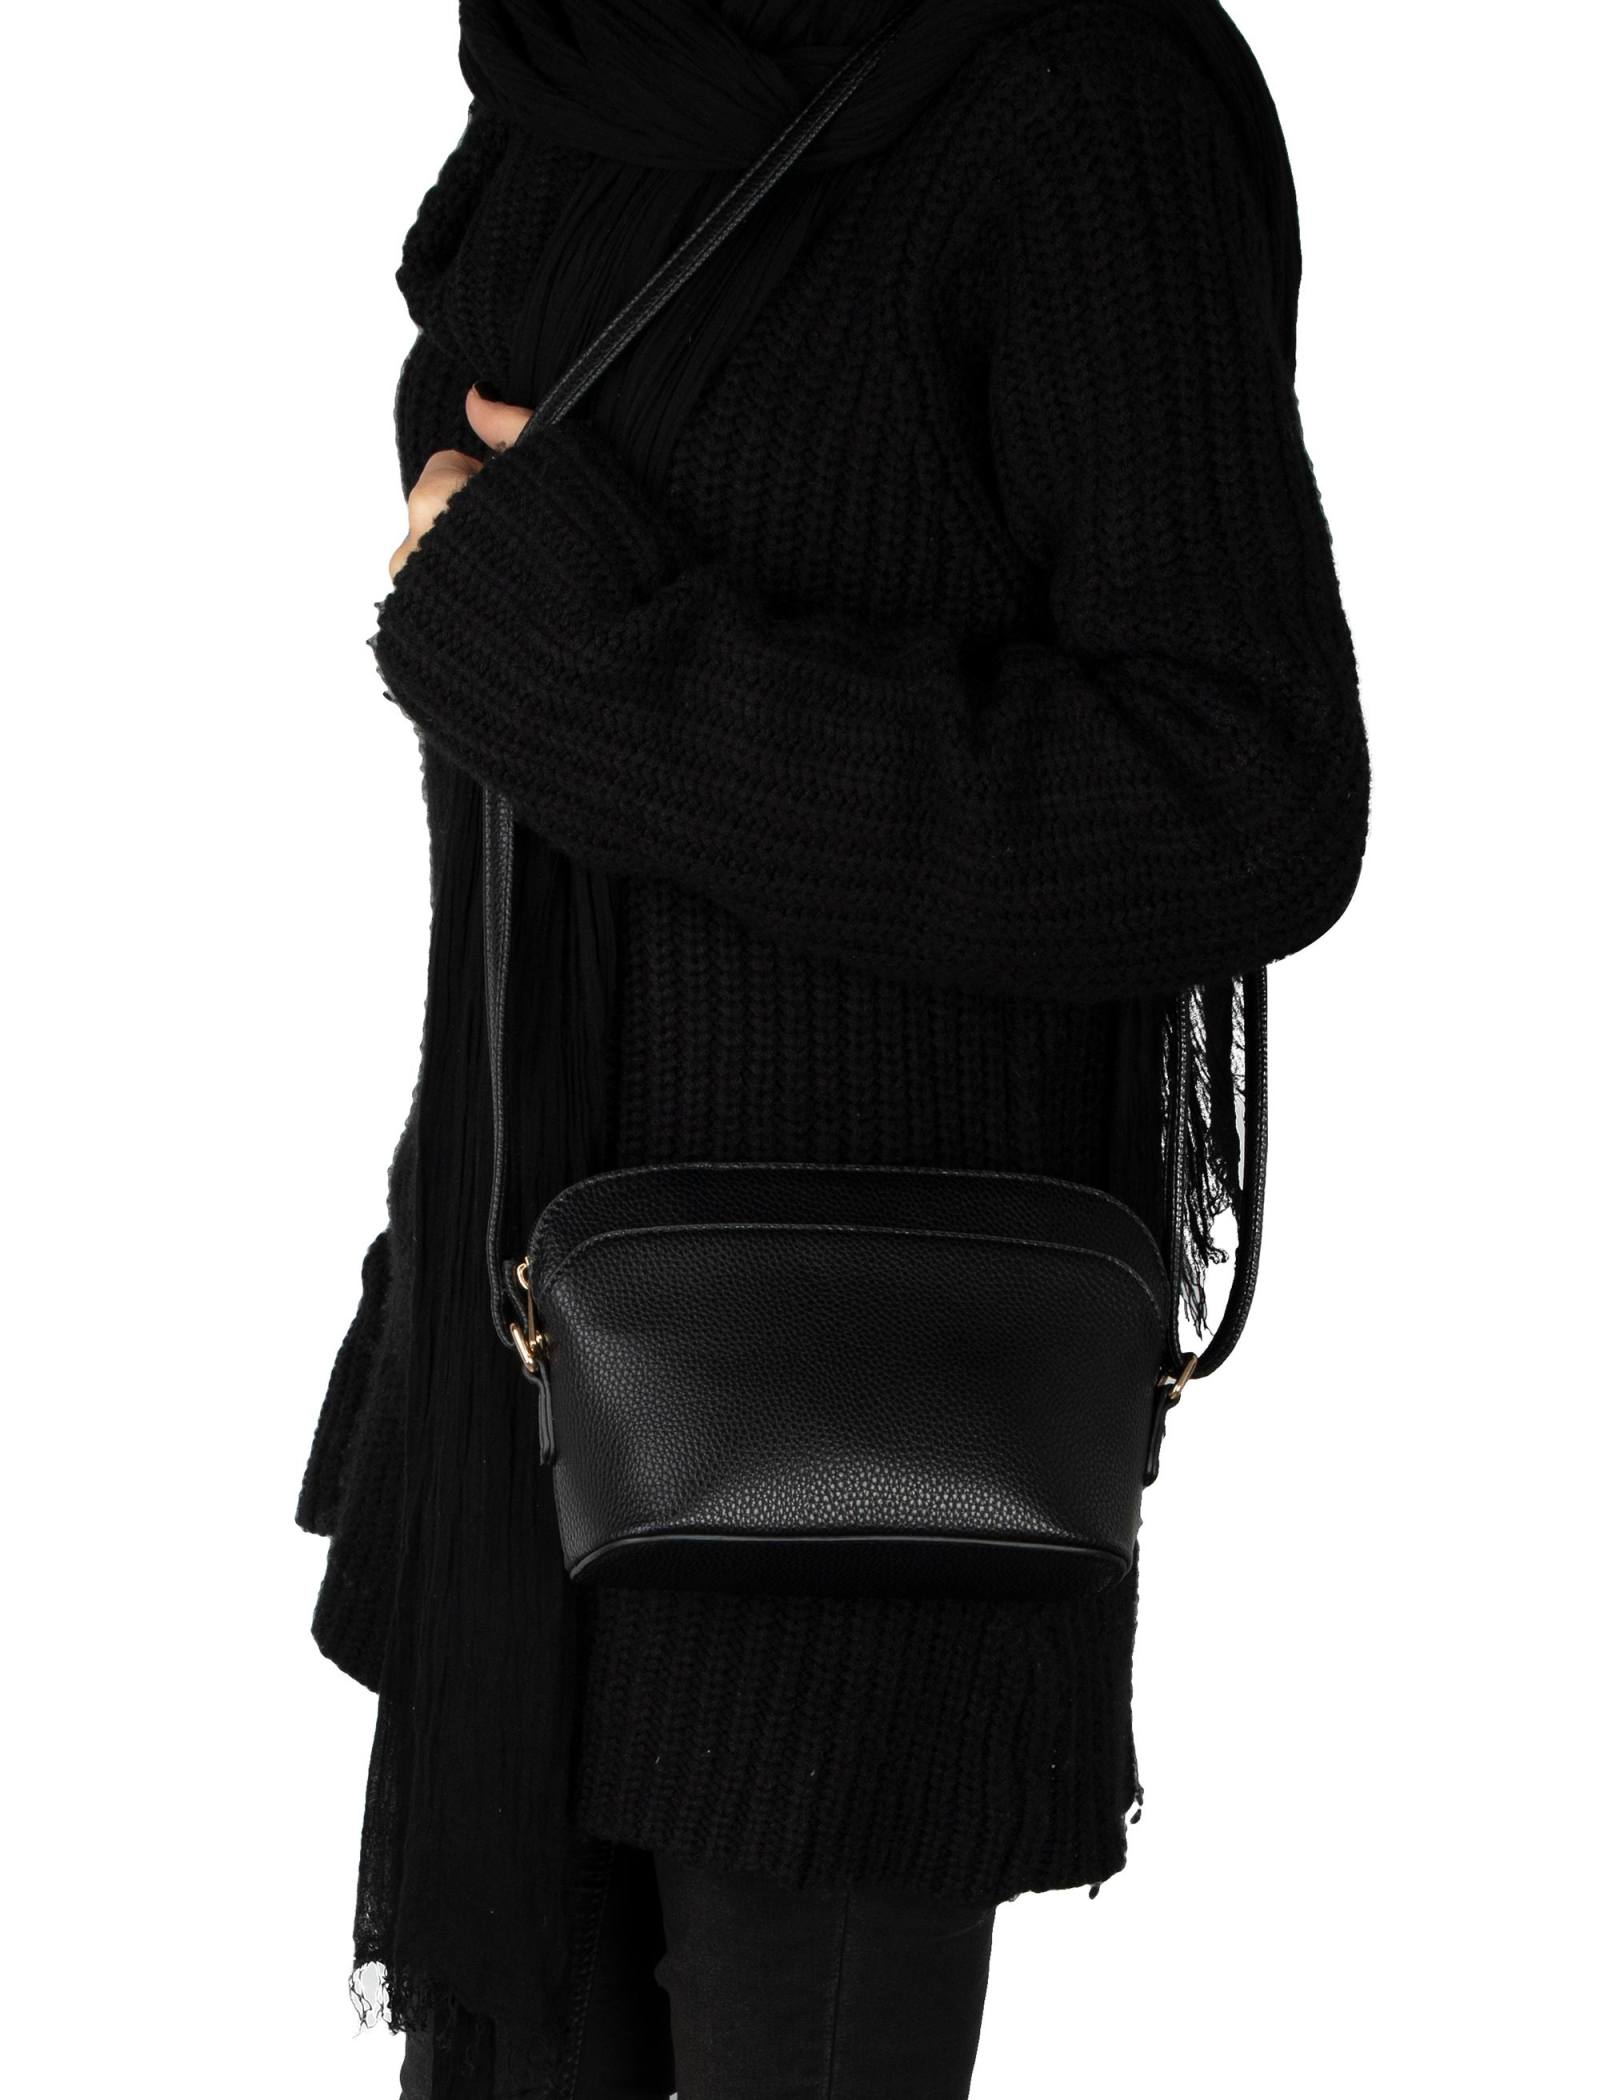 کیف دوشی روزمره زنانه - دادلین تک سایز - مشکي - 2